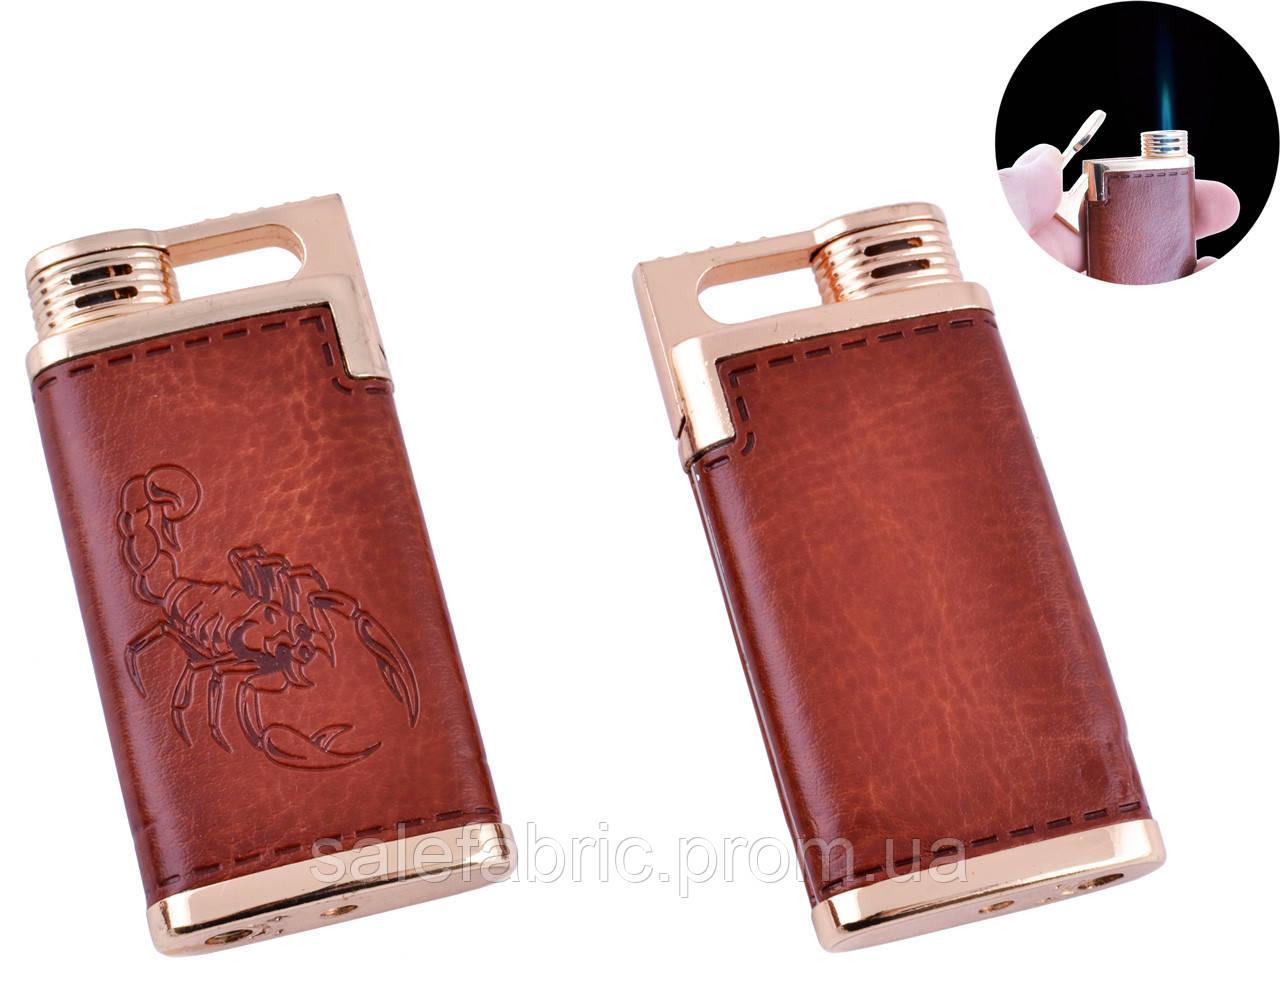 Зажигалка карманная Скорпион (Острое пламя, кожа) №4918-3